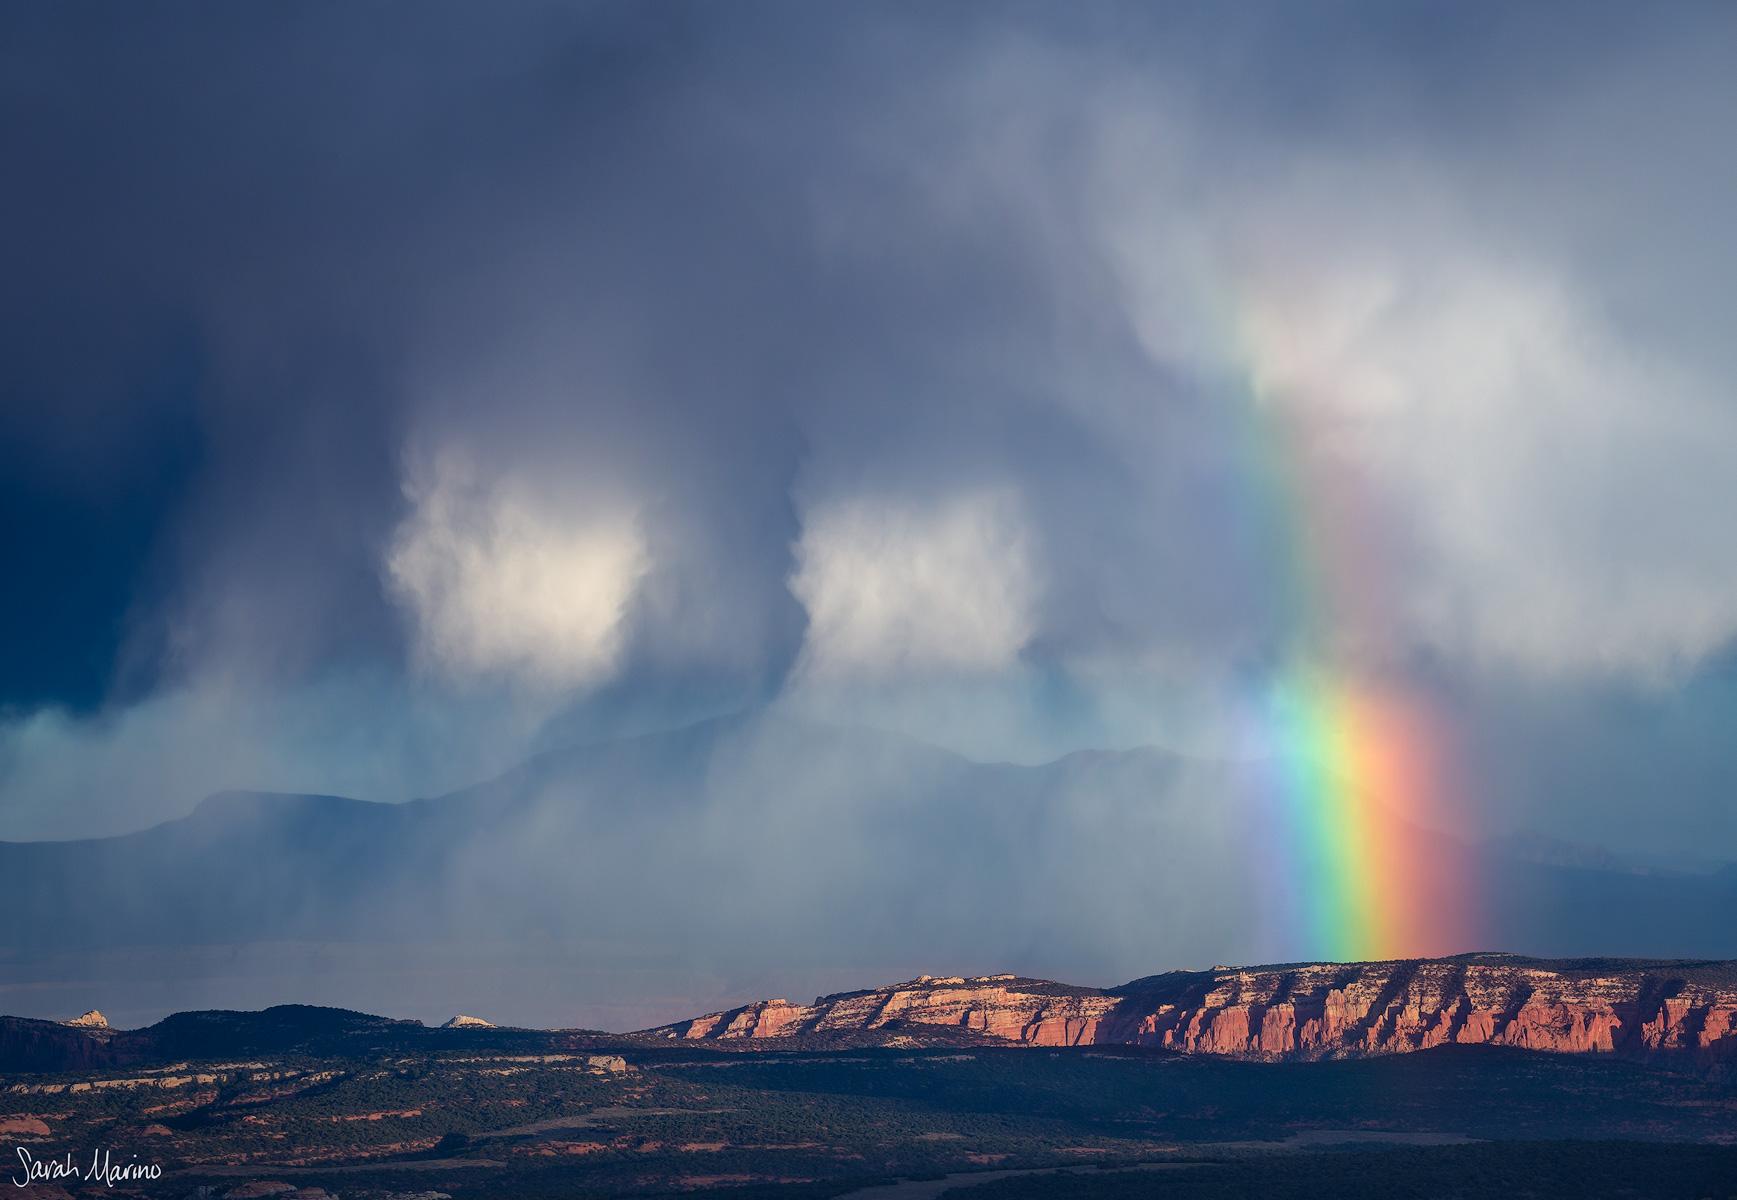 Sarah-Marino-Utah-Canyons-Rainbow-1200px-Watermark.jpg